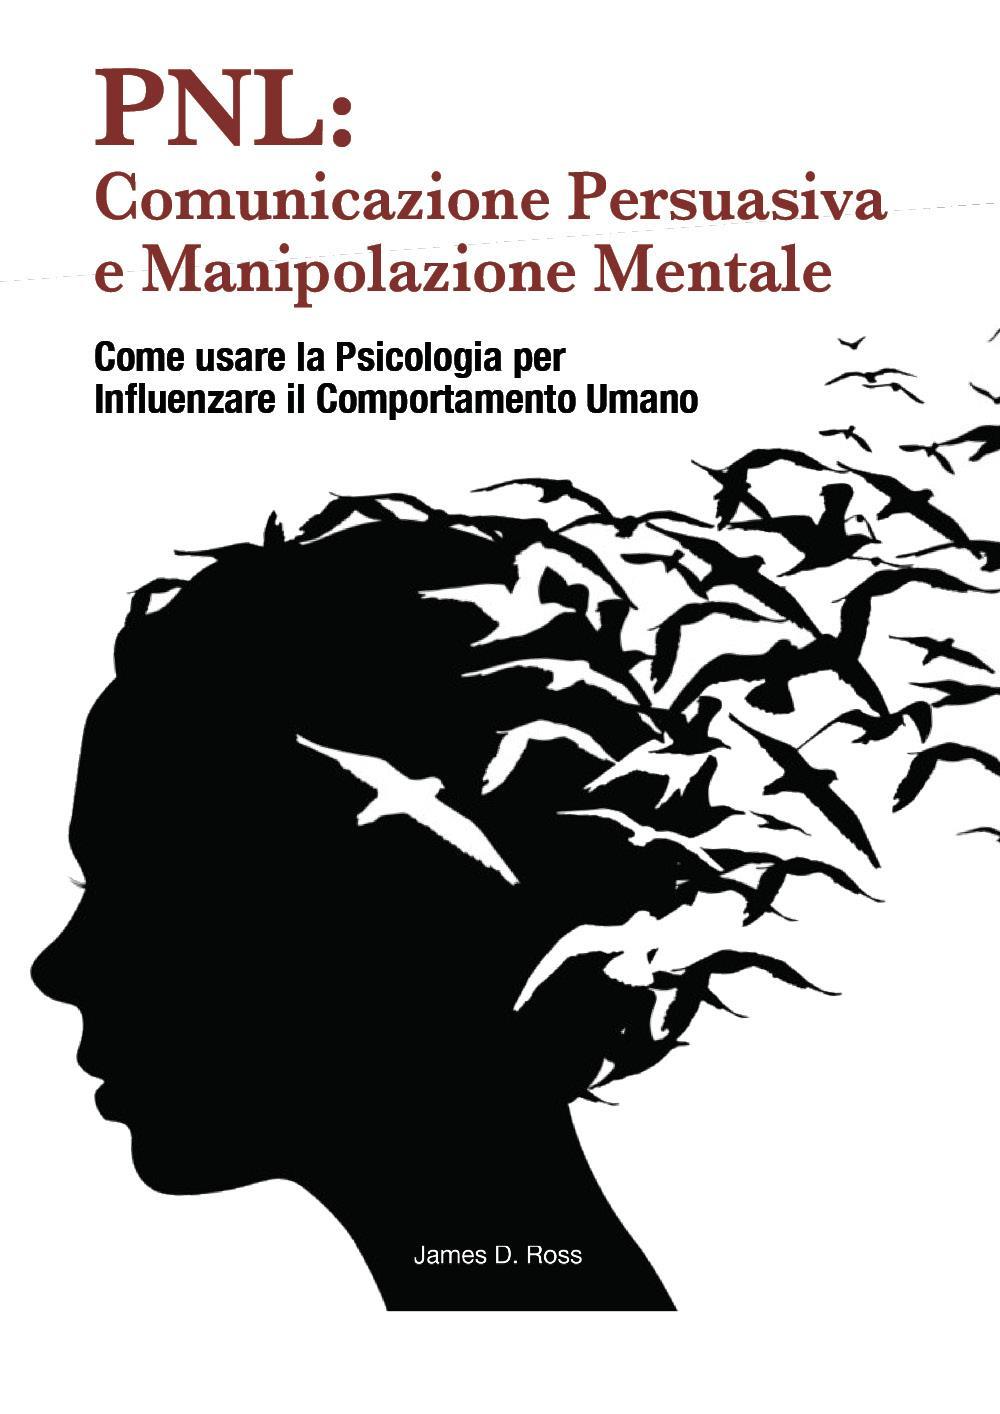 PNL: Comunicazione Persuasiva e Manipolazione Mentale